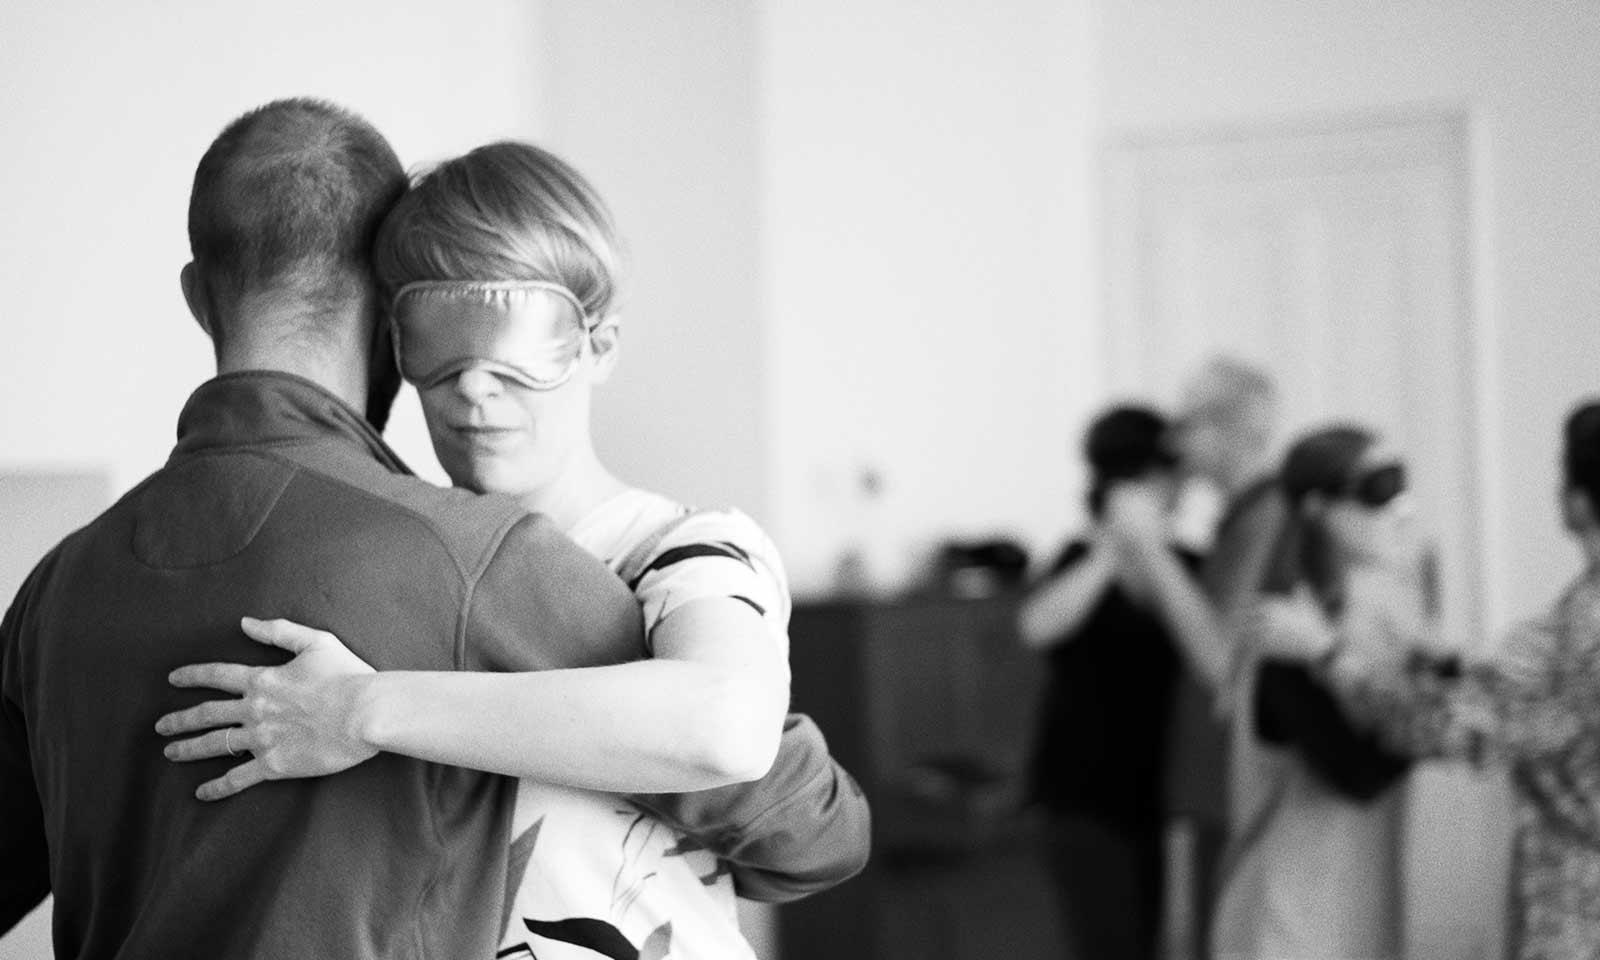 Tanzpaare mit Augenmasken, im Vordergrund ein Paar in enger Tanzhaltung und ebenfalls mit Augenmaske